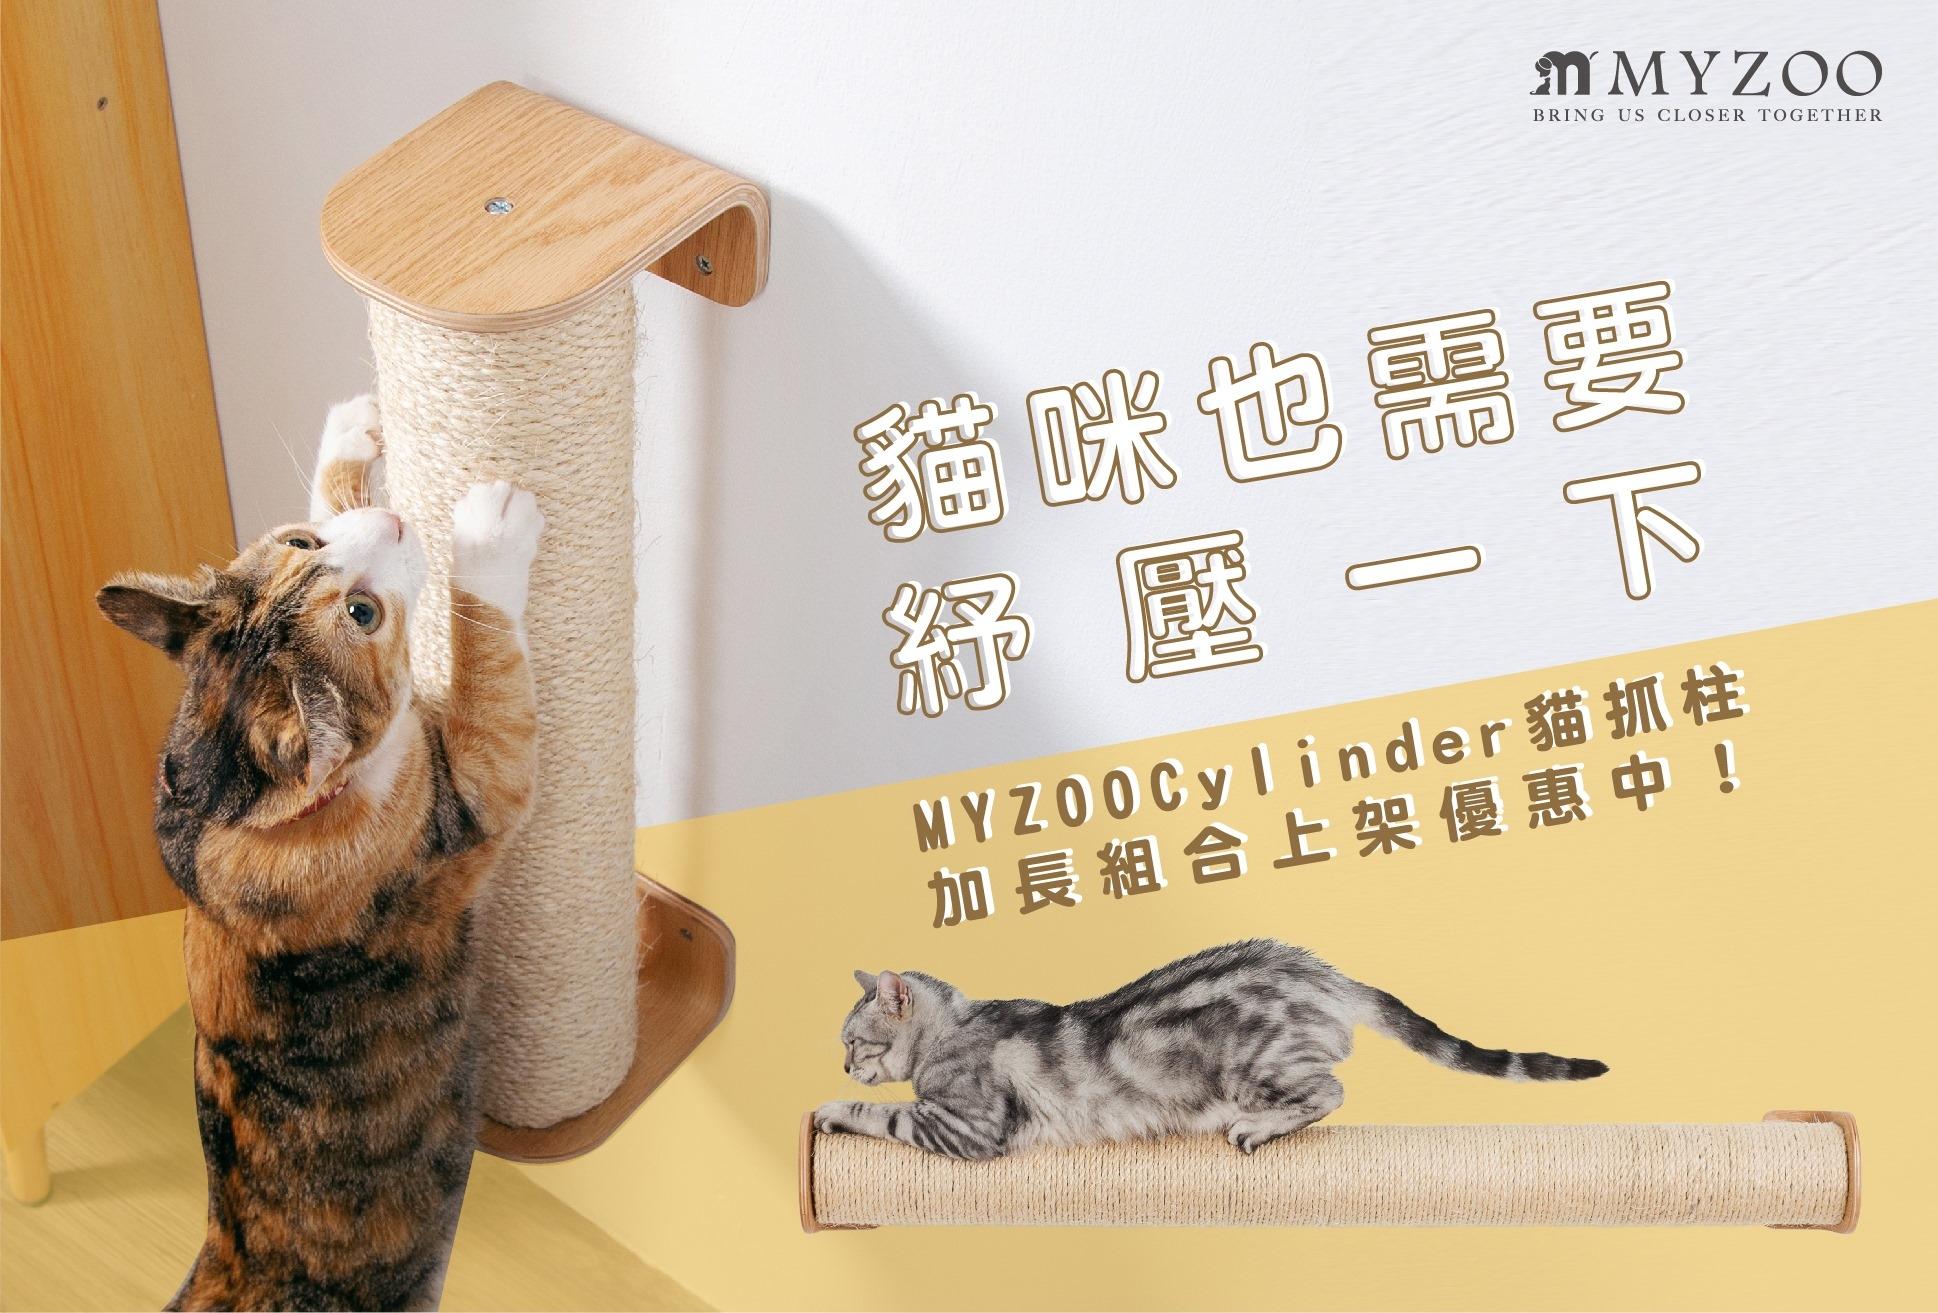 貓抓柱,貓抓用品,貓抓板,貓抓用品